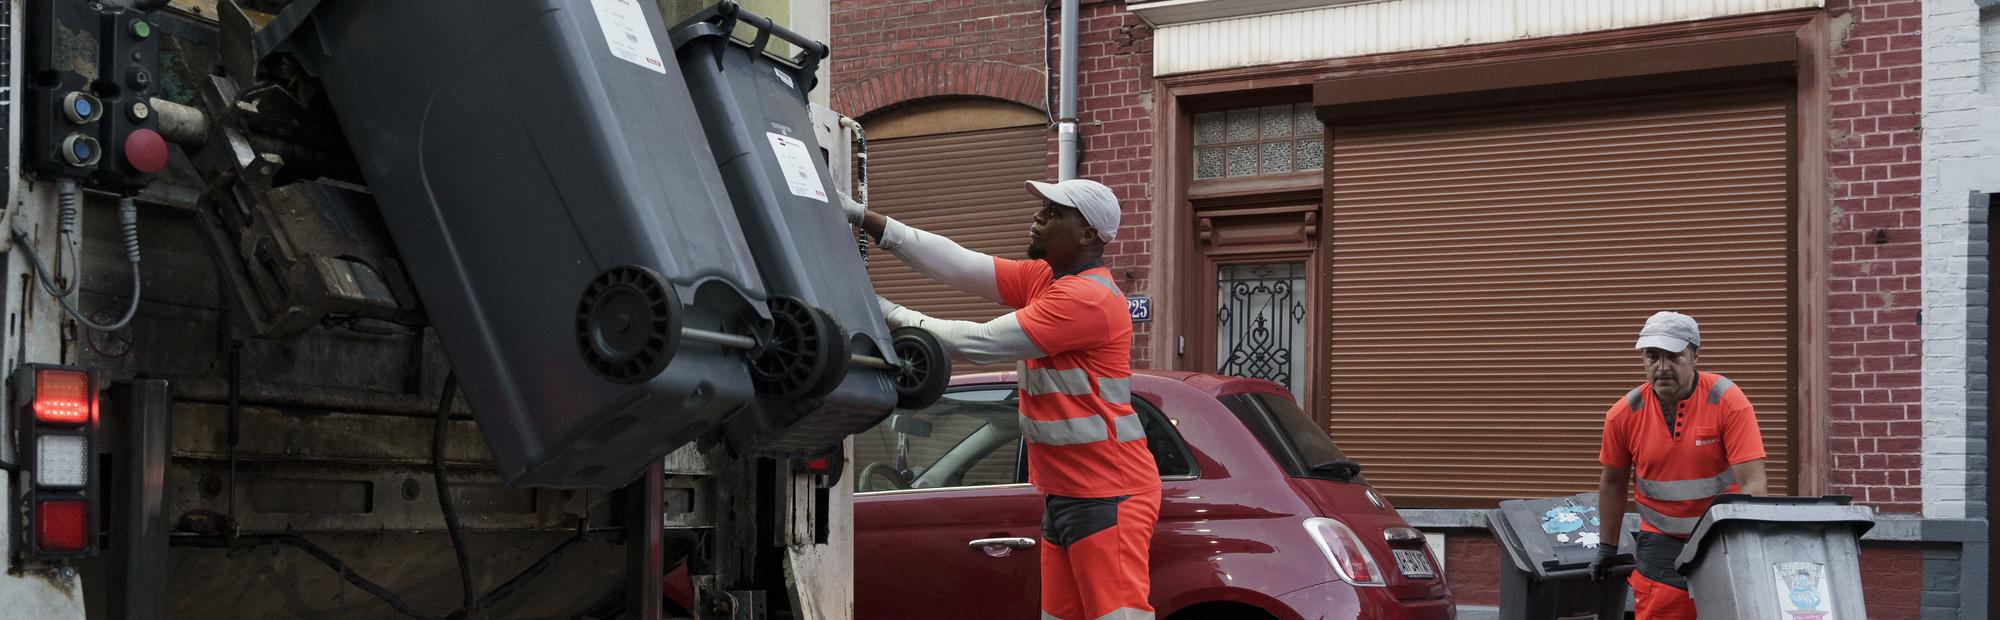 Poubelles Noires De Jardin collecte des déchets ménagers | métropole européenne de lille